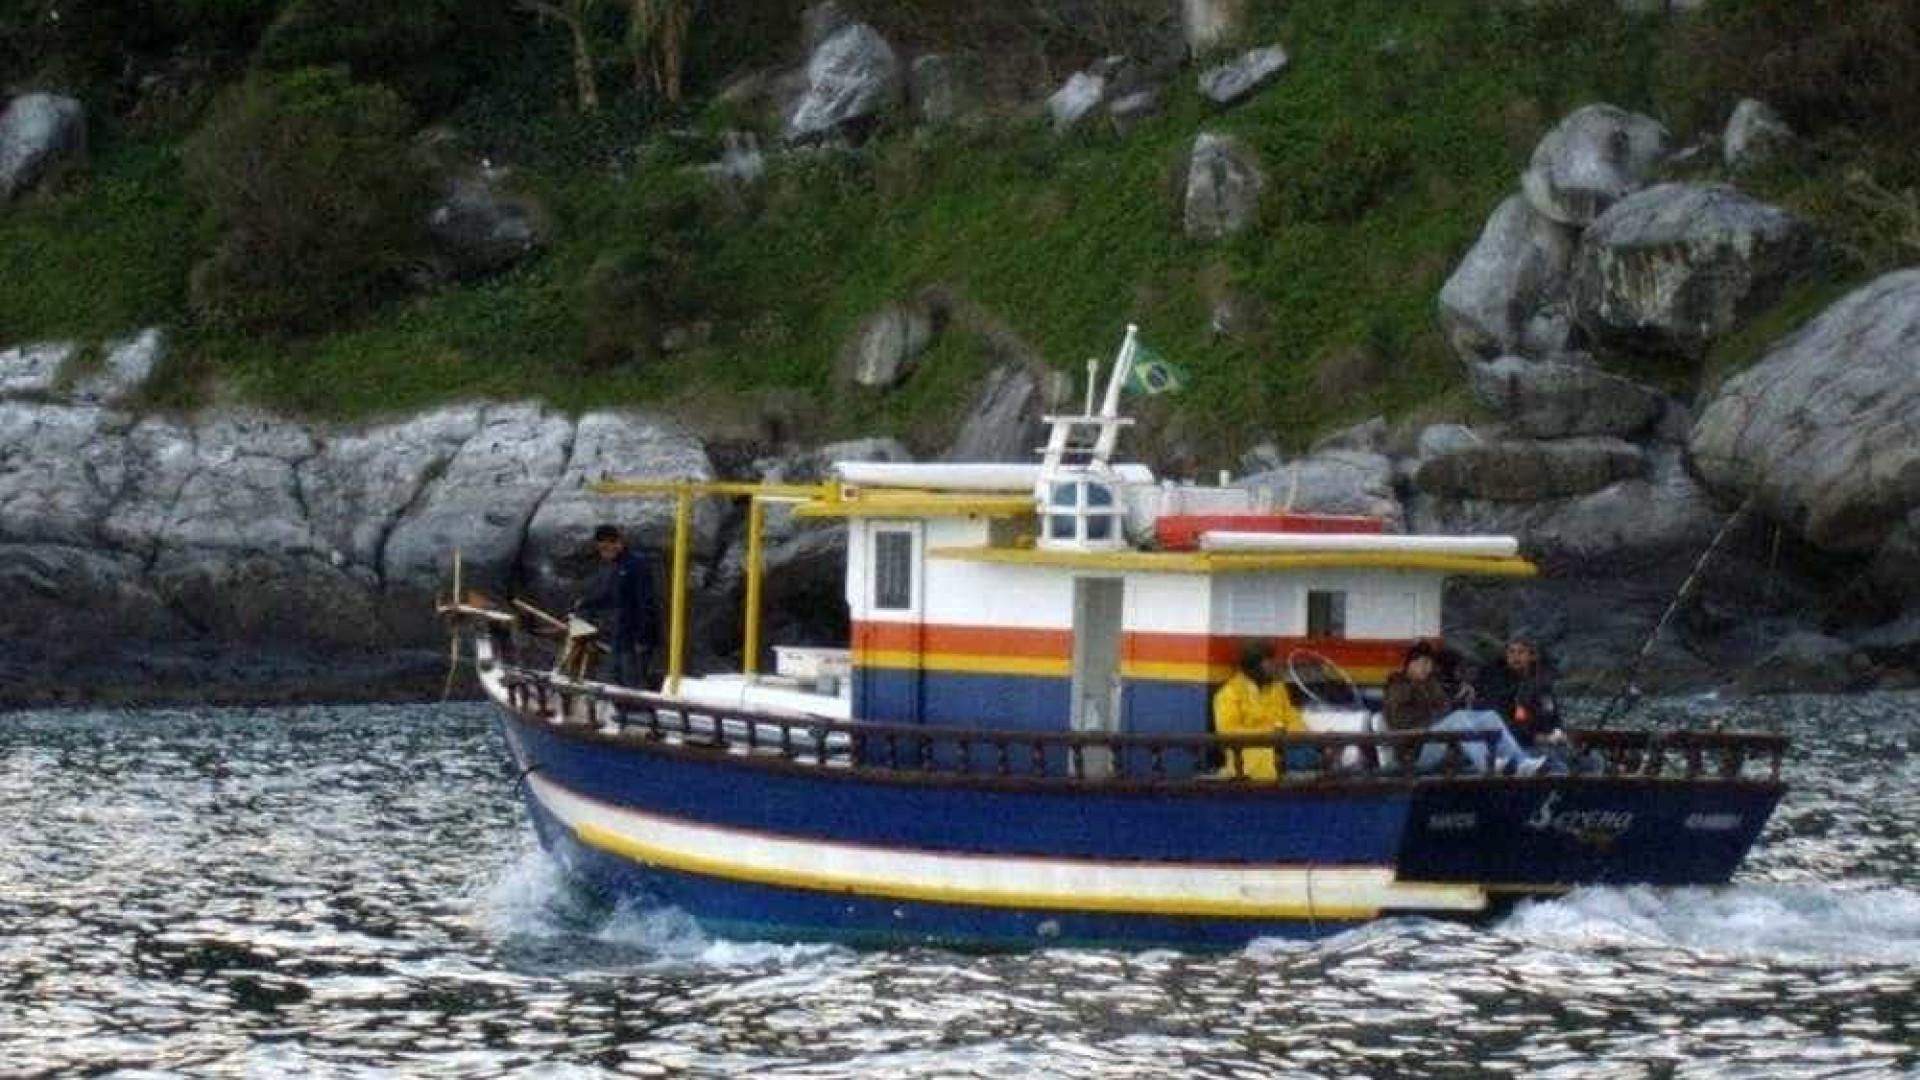 Barco naufraga e deixa três mortos em Santos